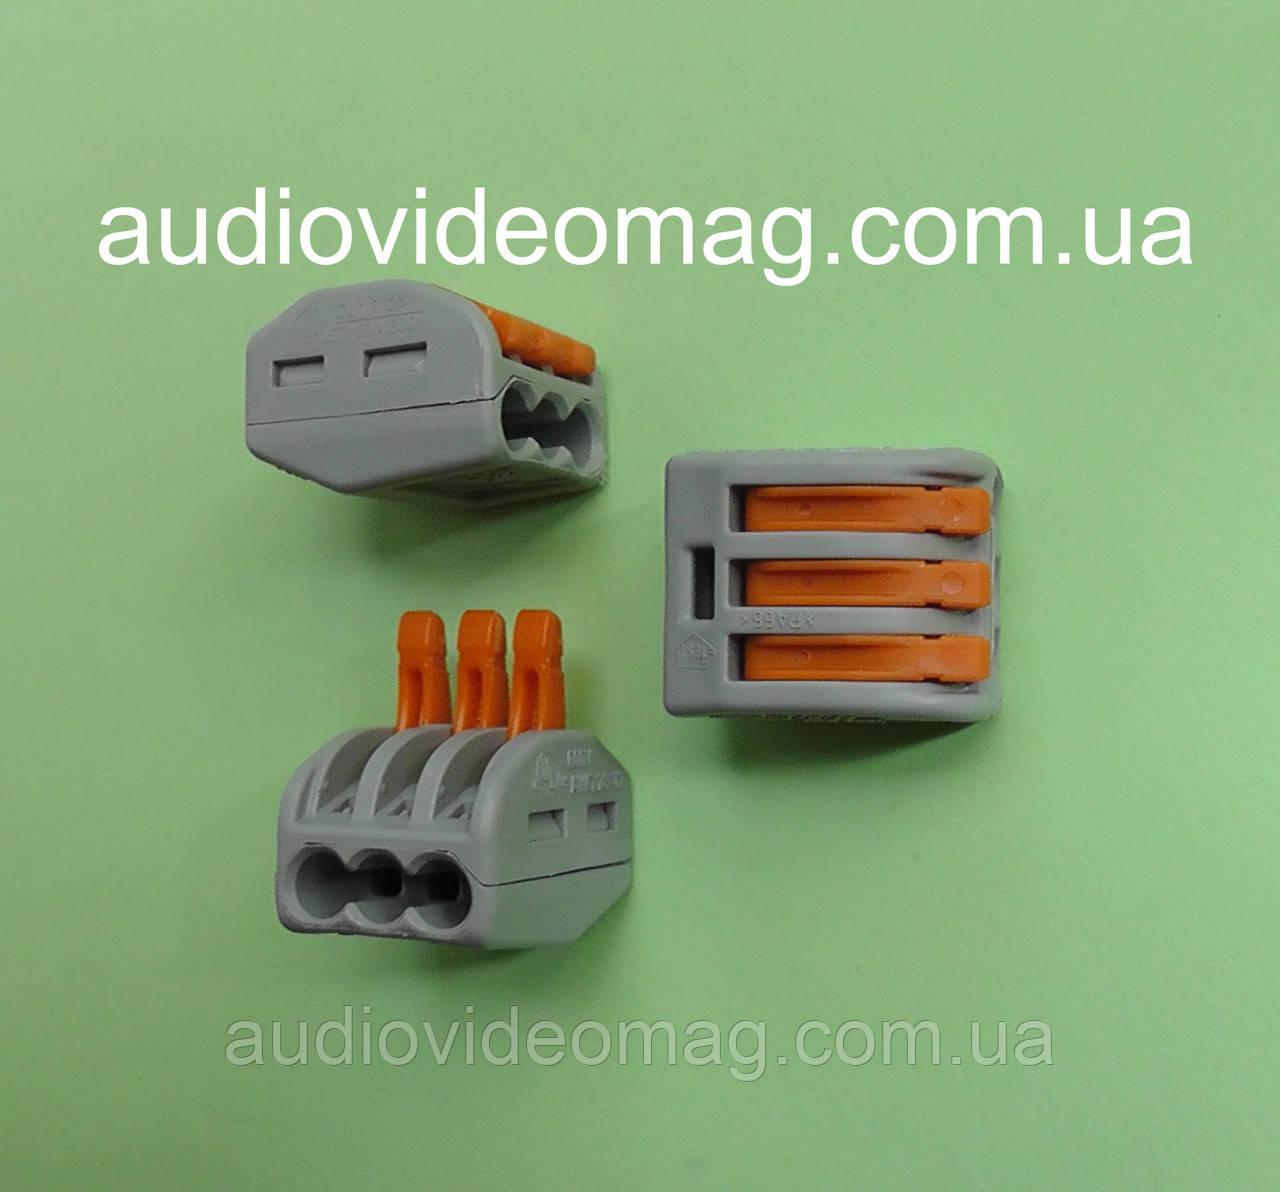 Многоразовая зажимная соединительная клемма 222-413 на 3 провода